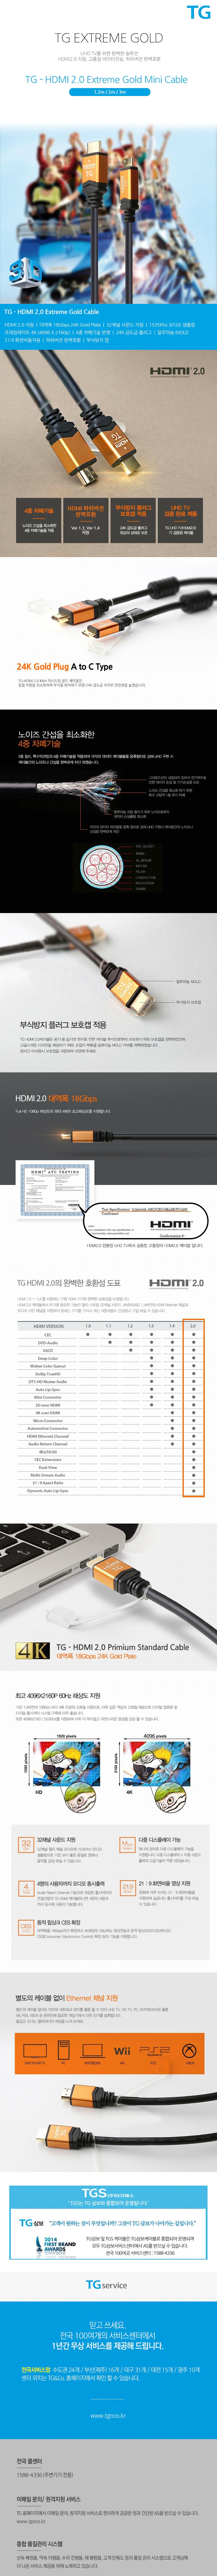 TG삼보 HDMI to Mini HDMI Ver2.0 익스트림 골드 케이블 (1.2m)